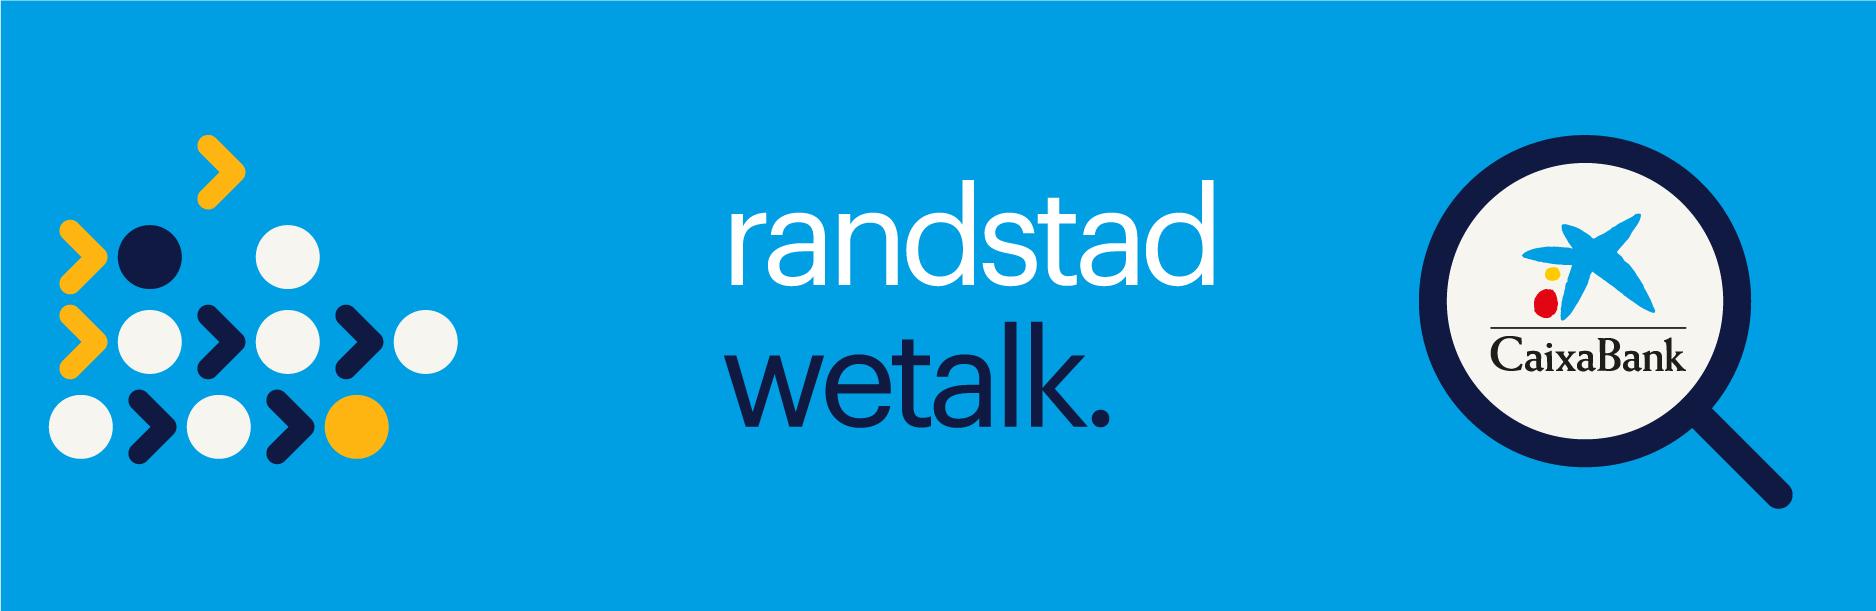 Randstad wetalk | Caixabank | Exit page